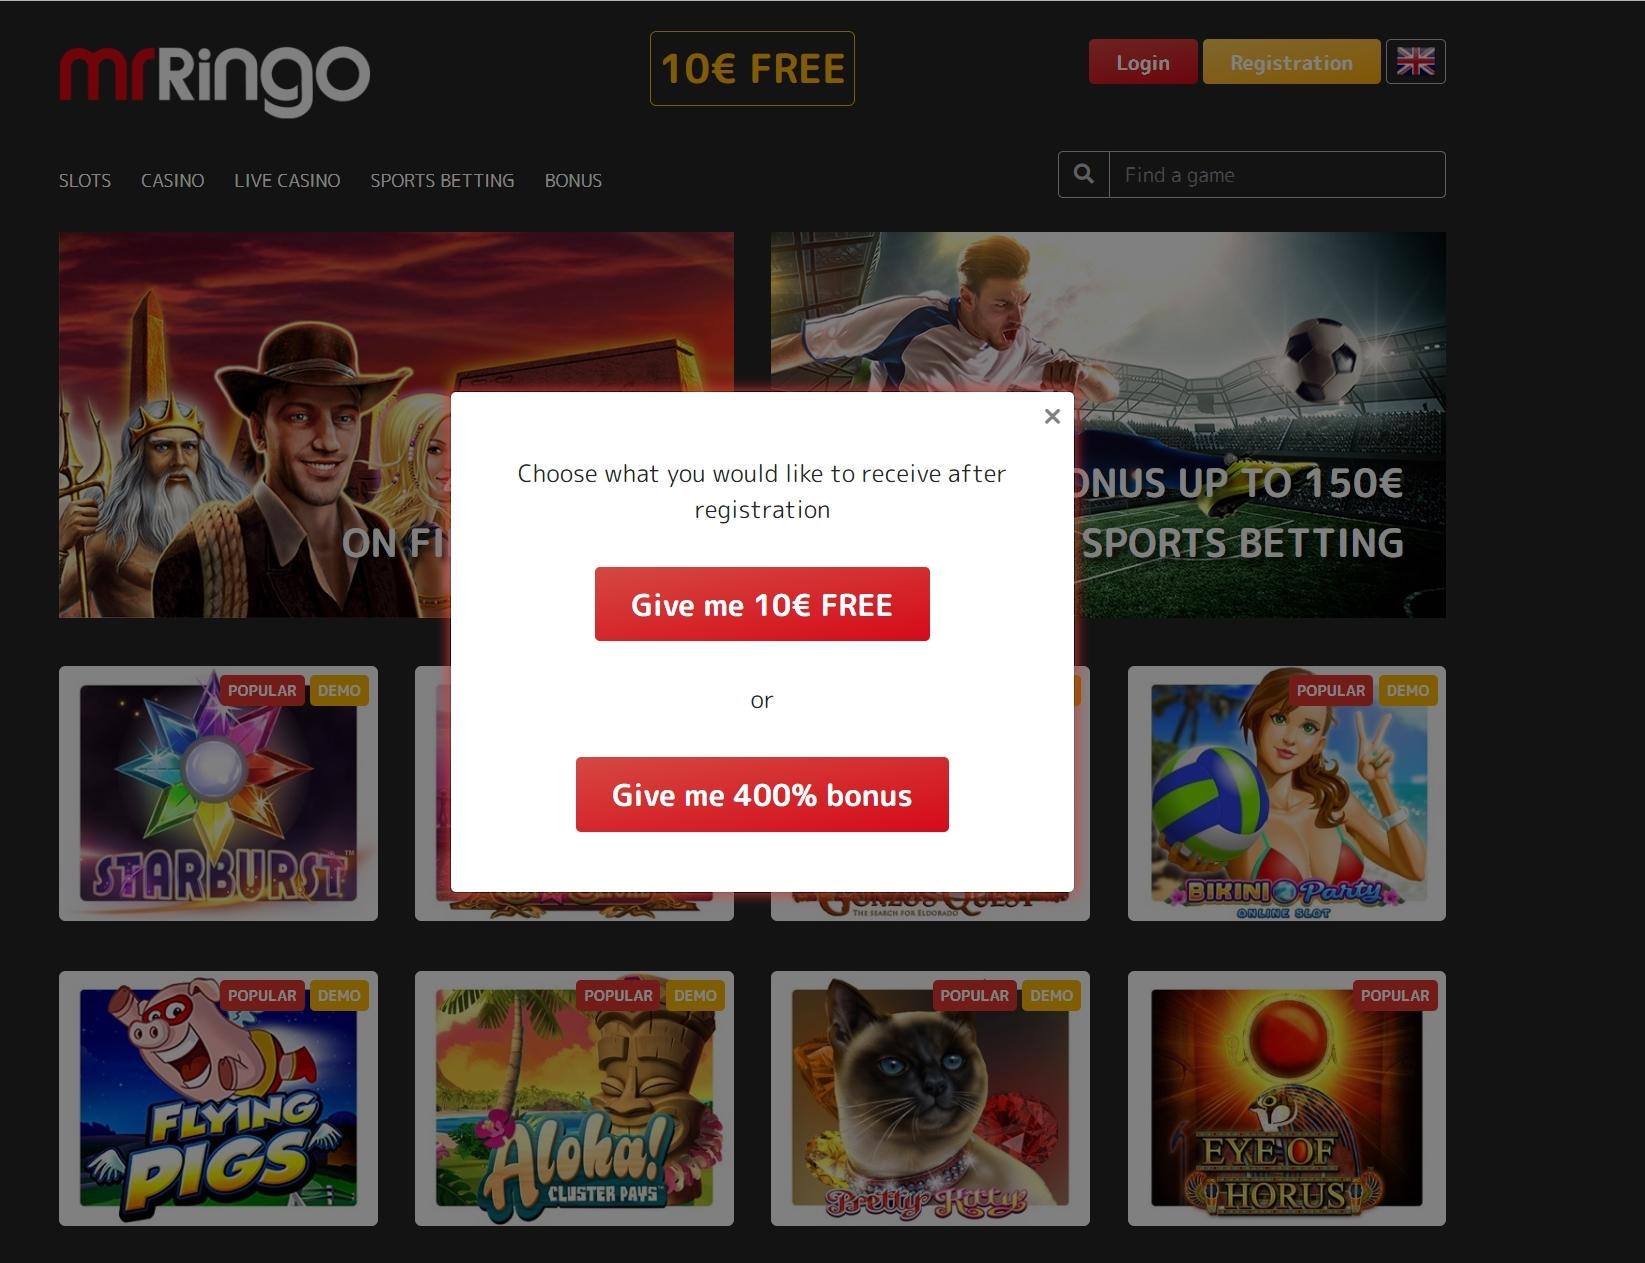 Mr Ringo casino bonuses